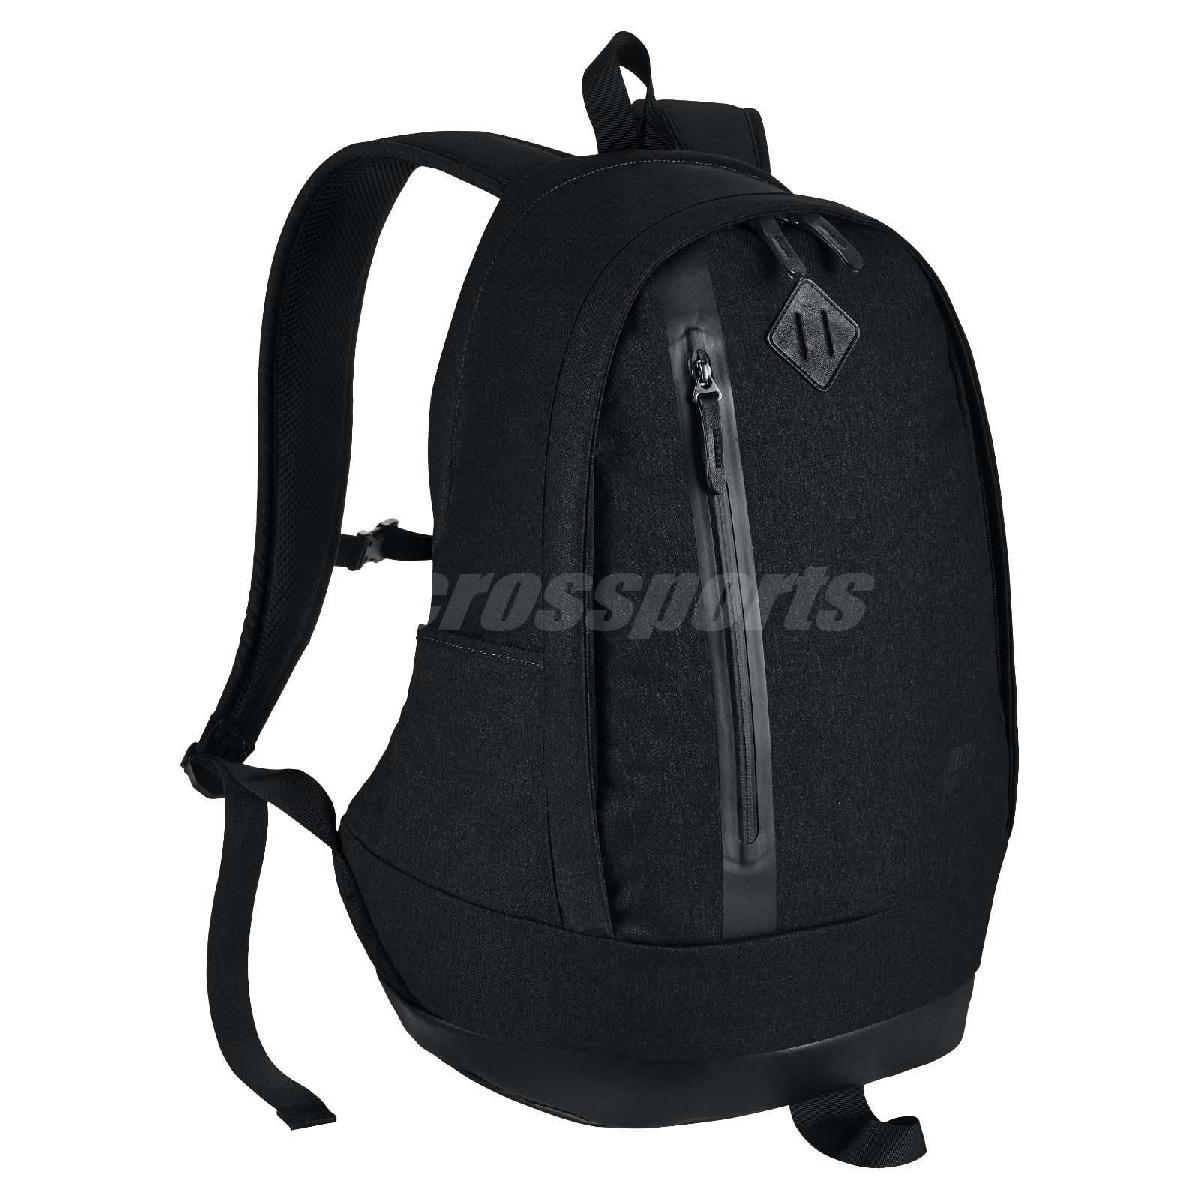 Nike後背包Cheyenne黑全黑色皮革拉鍊經典包包筆電包書包男女PUMP306 BA5265-014